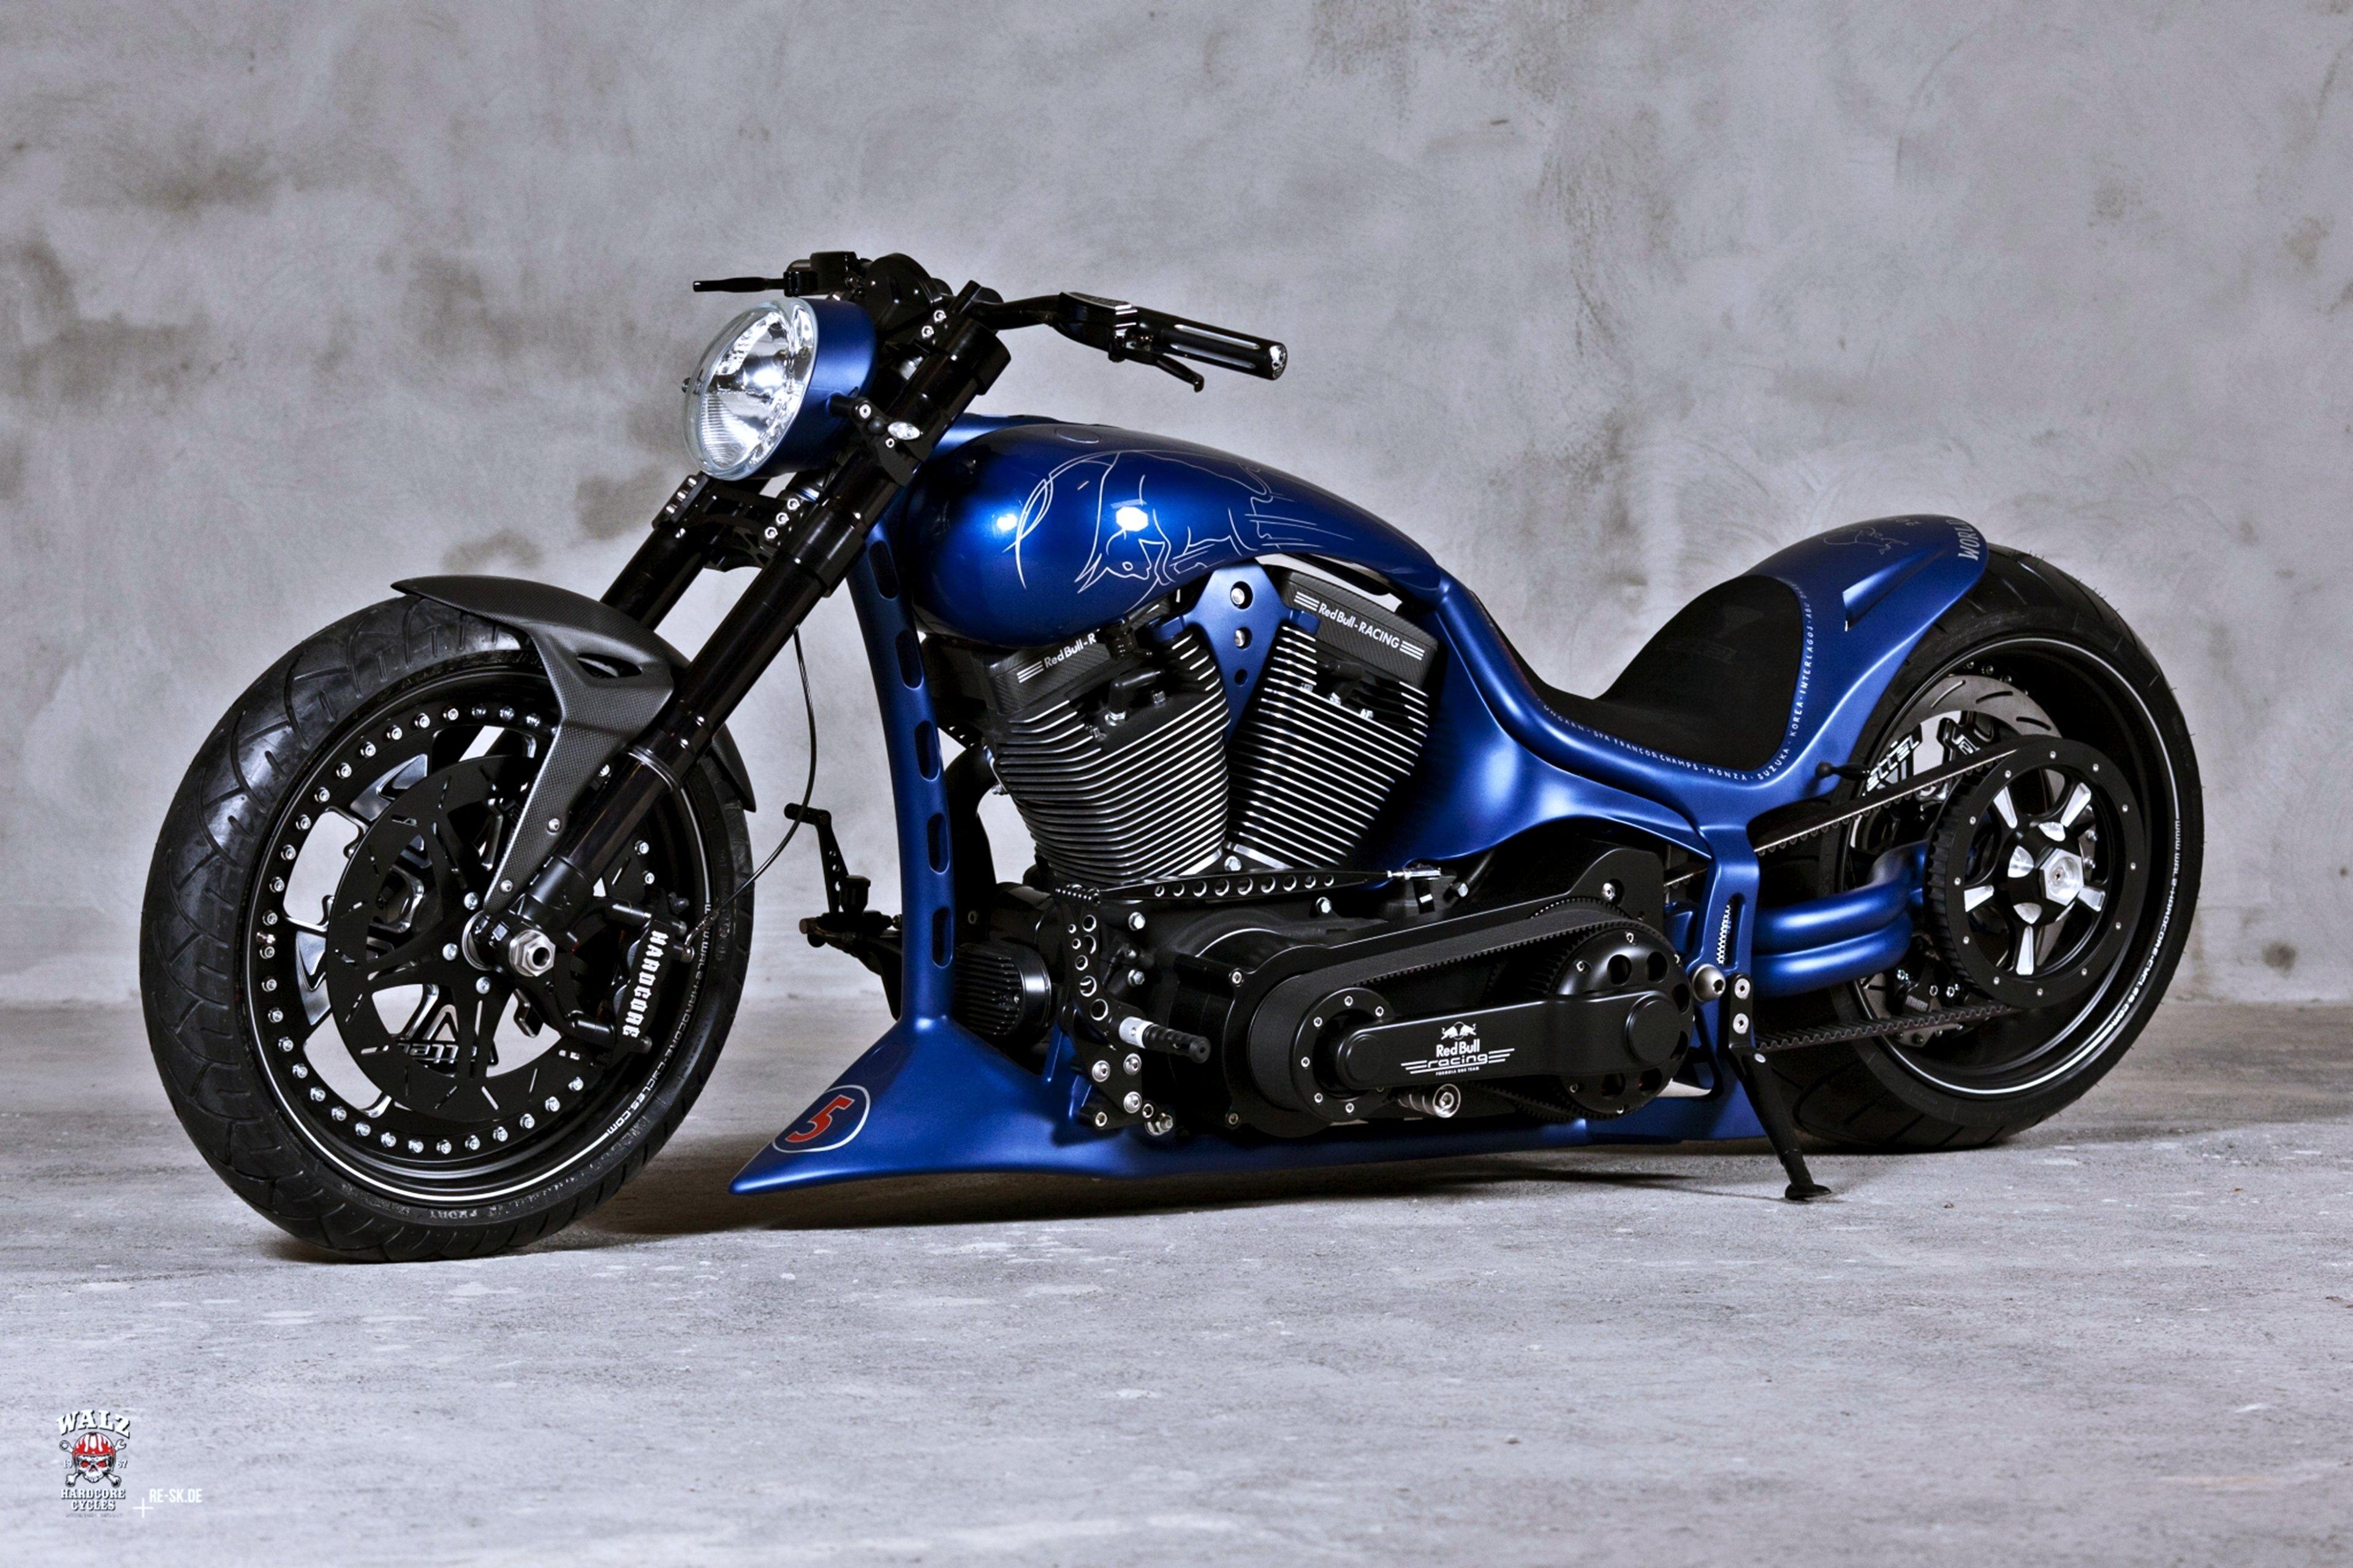 chopper motocycle black super force noise motors speed. Black Bedroom Furniture Sets. Home Design Ideas